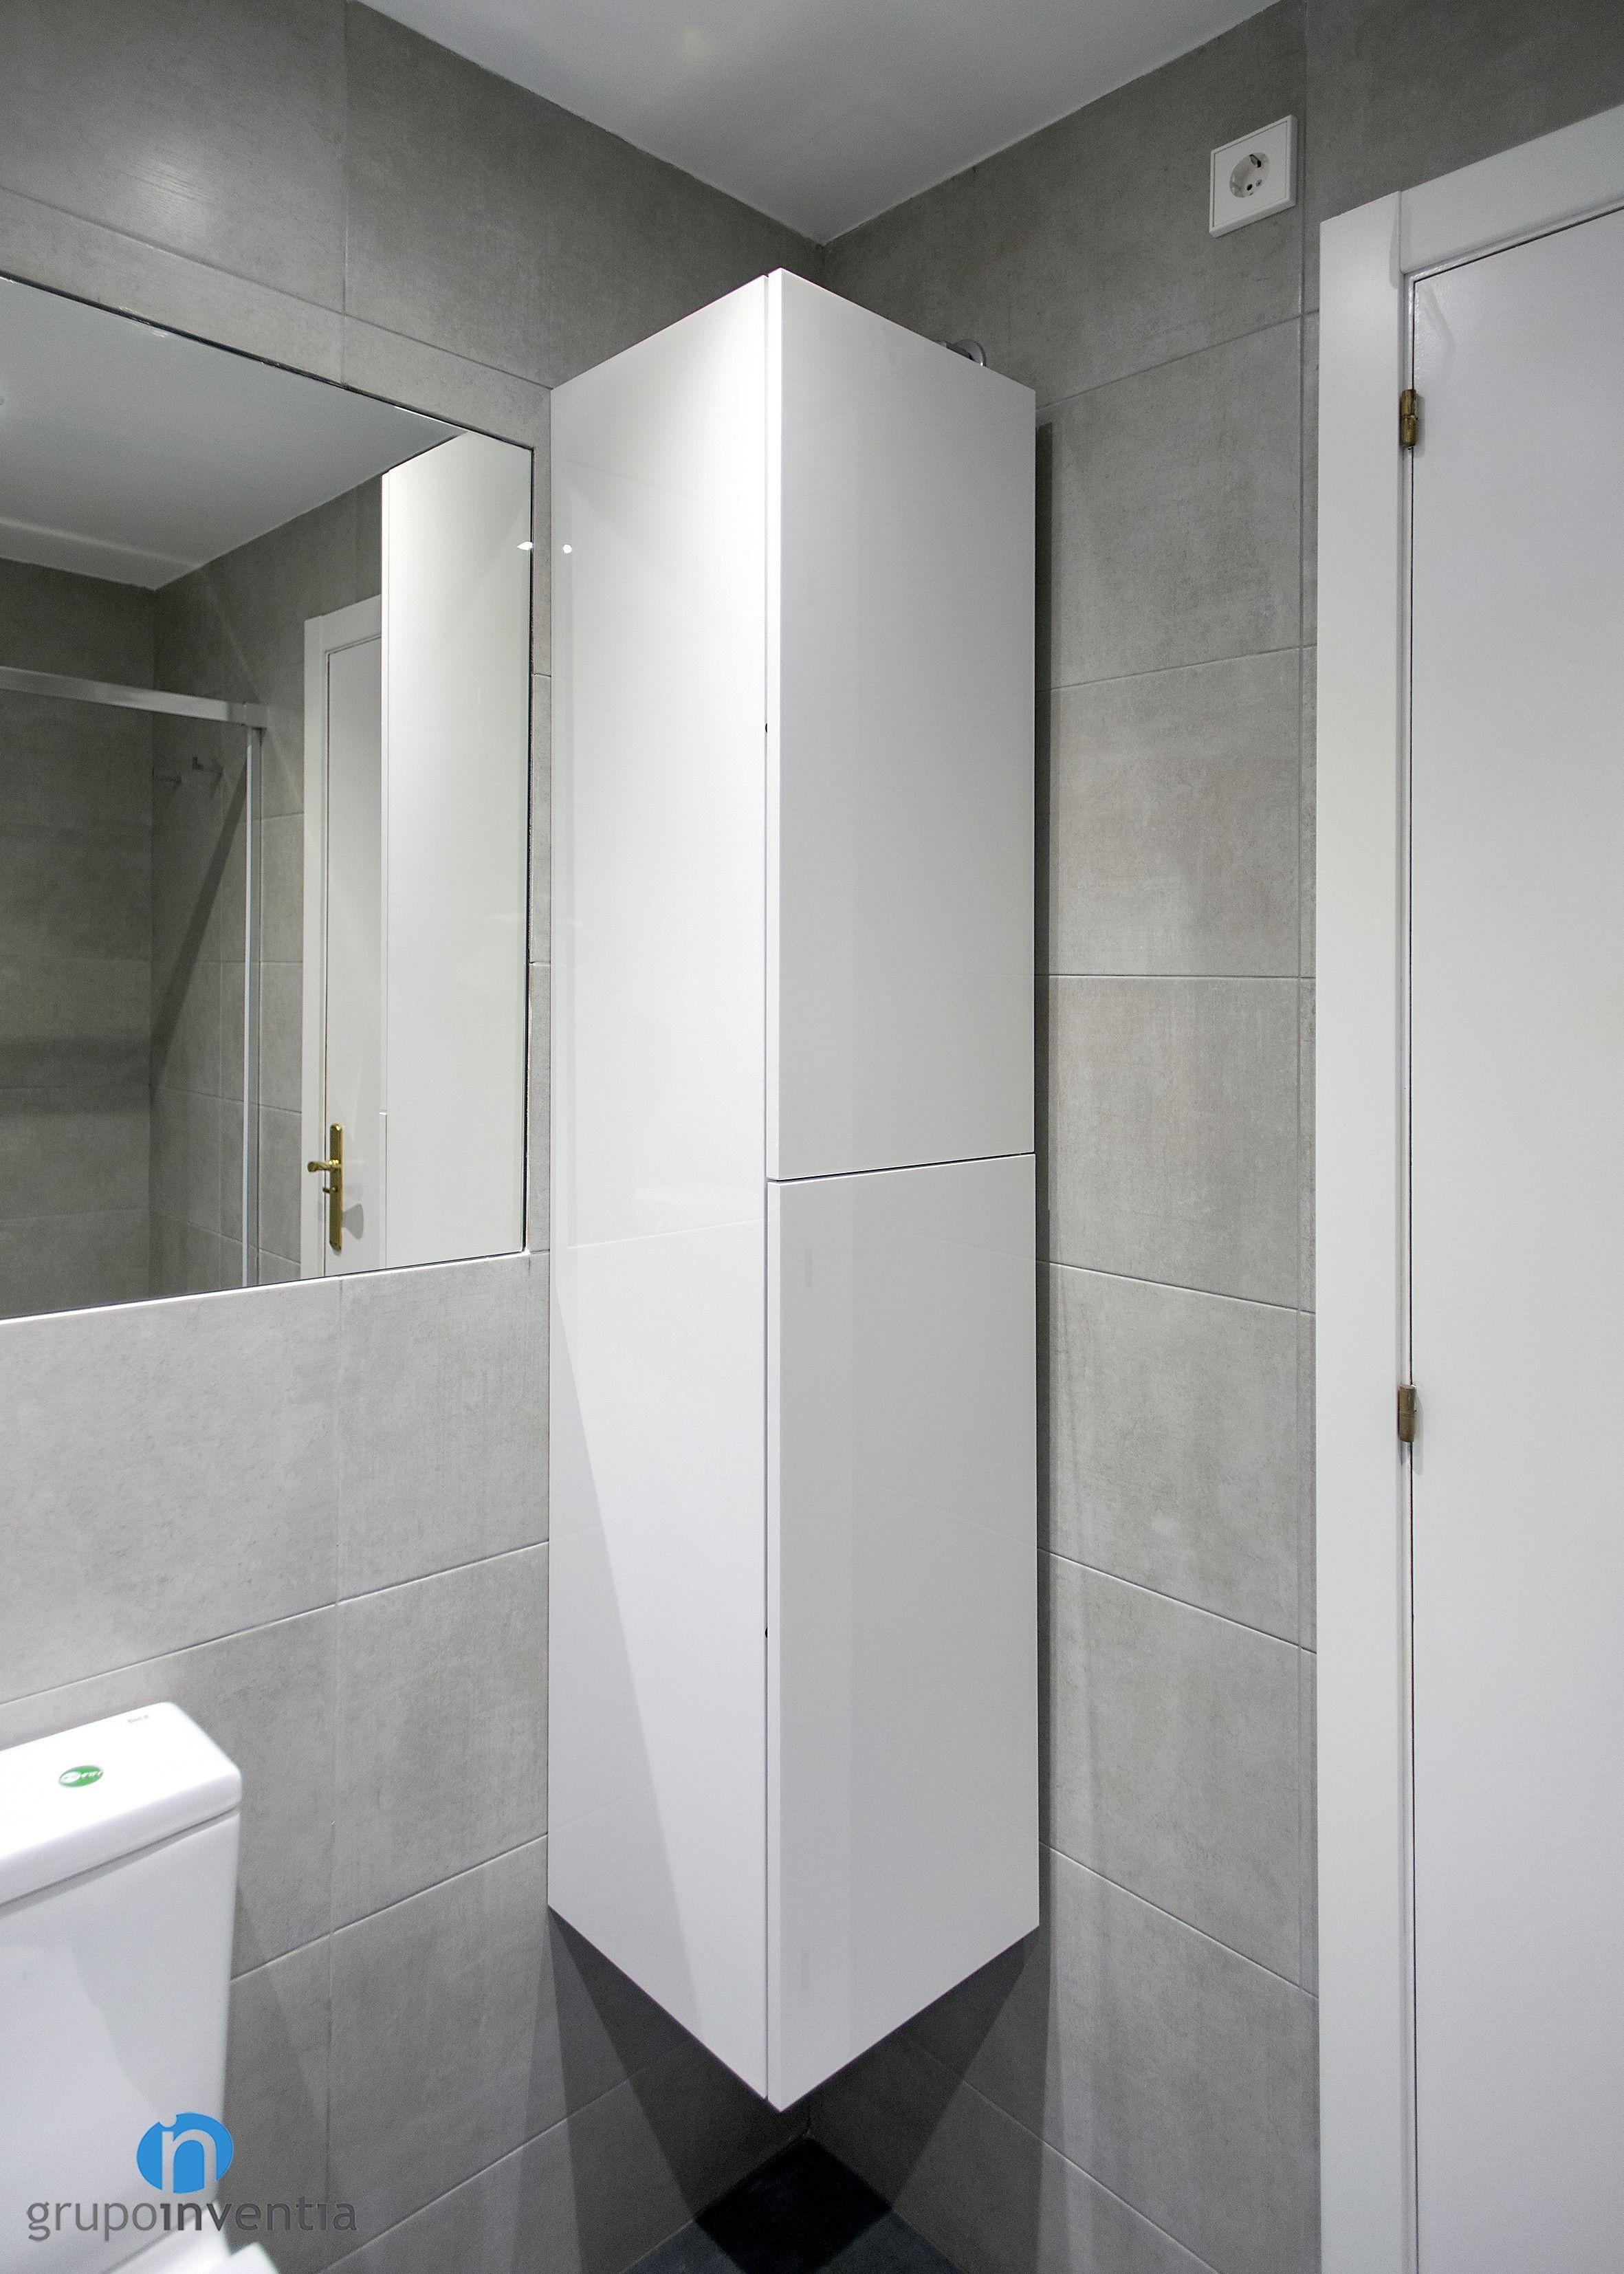 Pin en Cuarto de baño reformado en calle Berruguete de ...